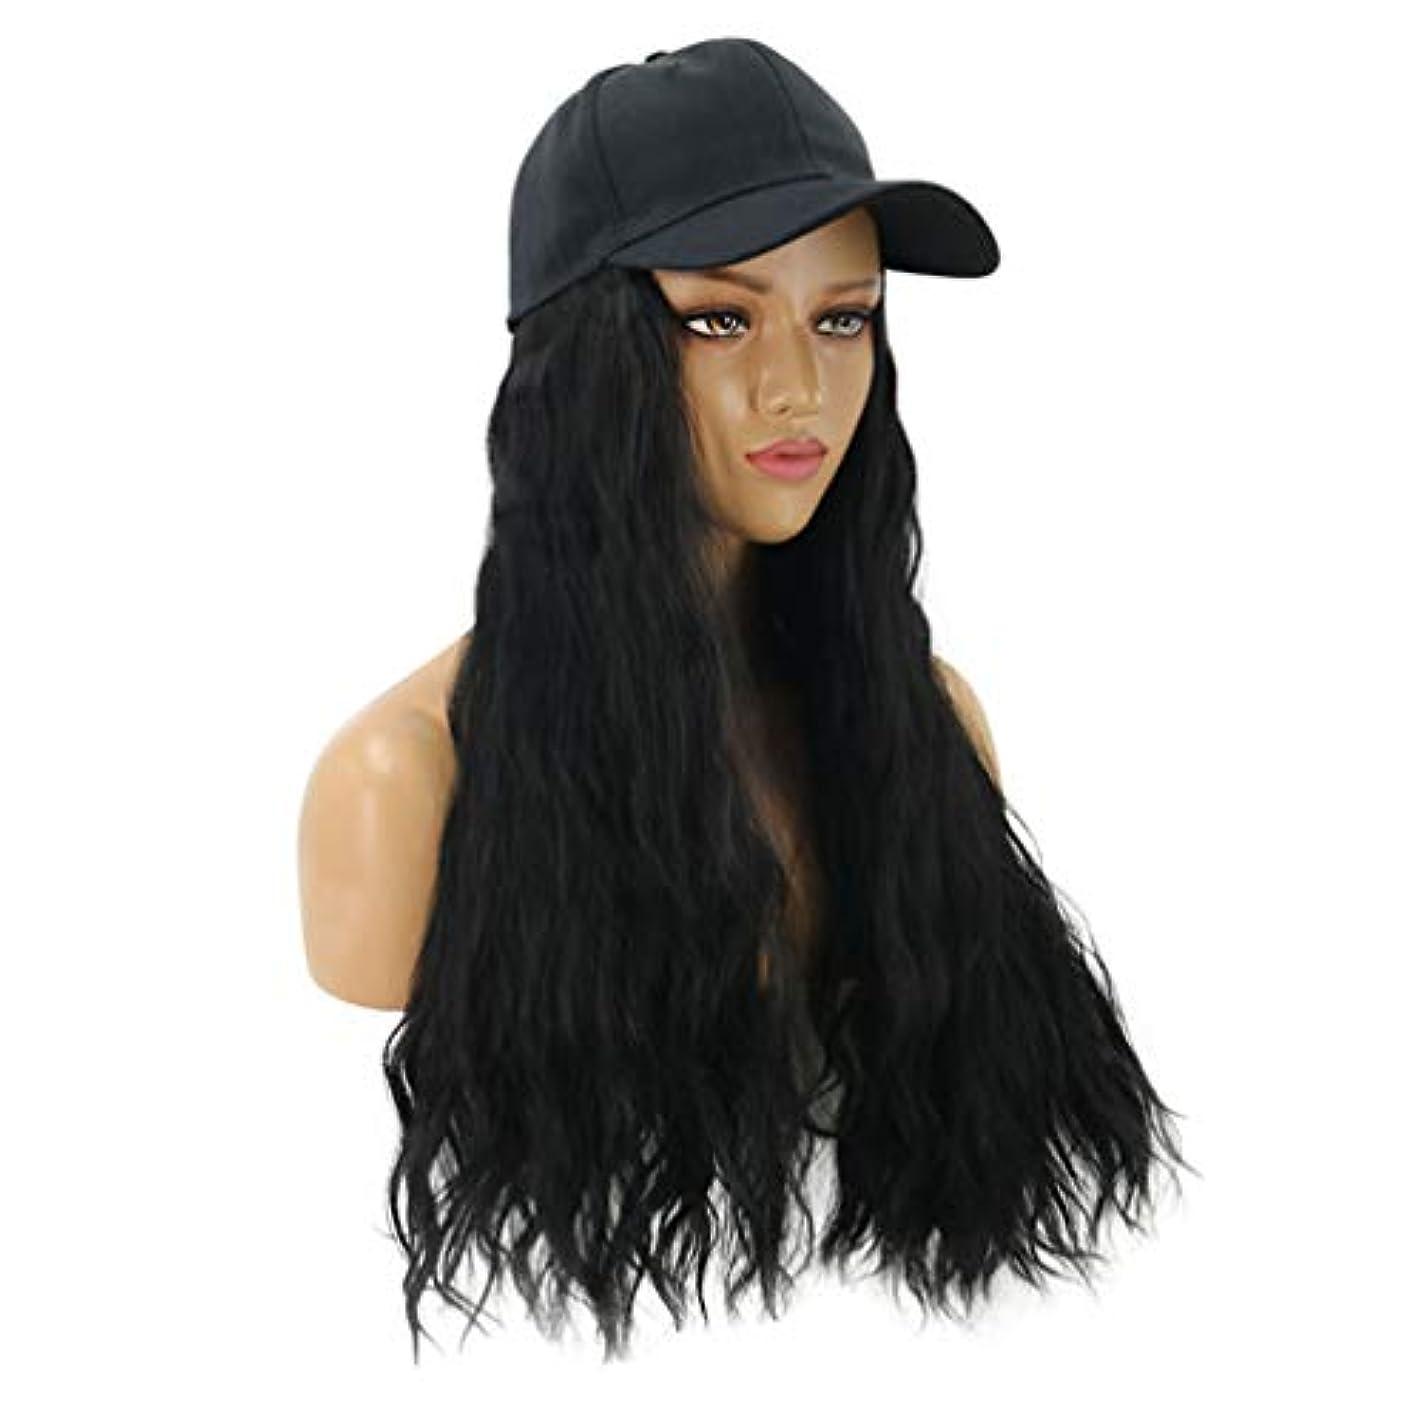 インタネットを見る失反対した女性クリエイティブロングカーリー波状高温シルクシルクフード付き黒かつら野球キャップロングヘア野球キャップボールキャップカジュアル帽子かつら